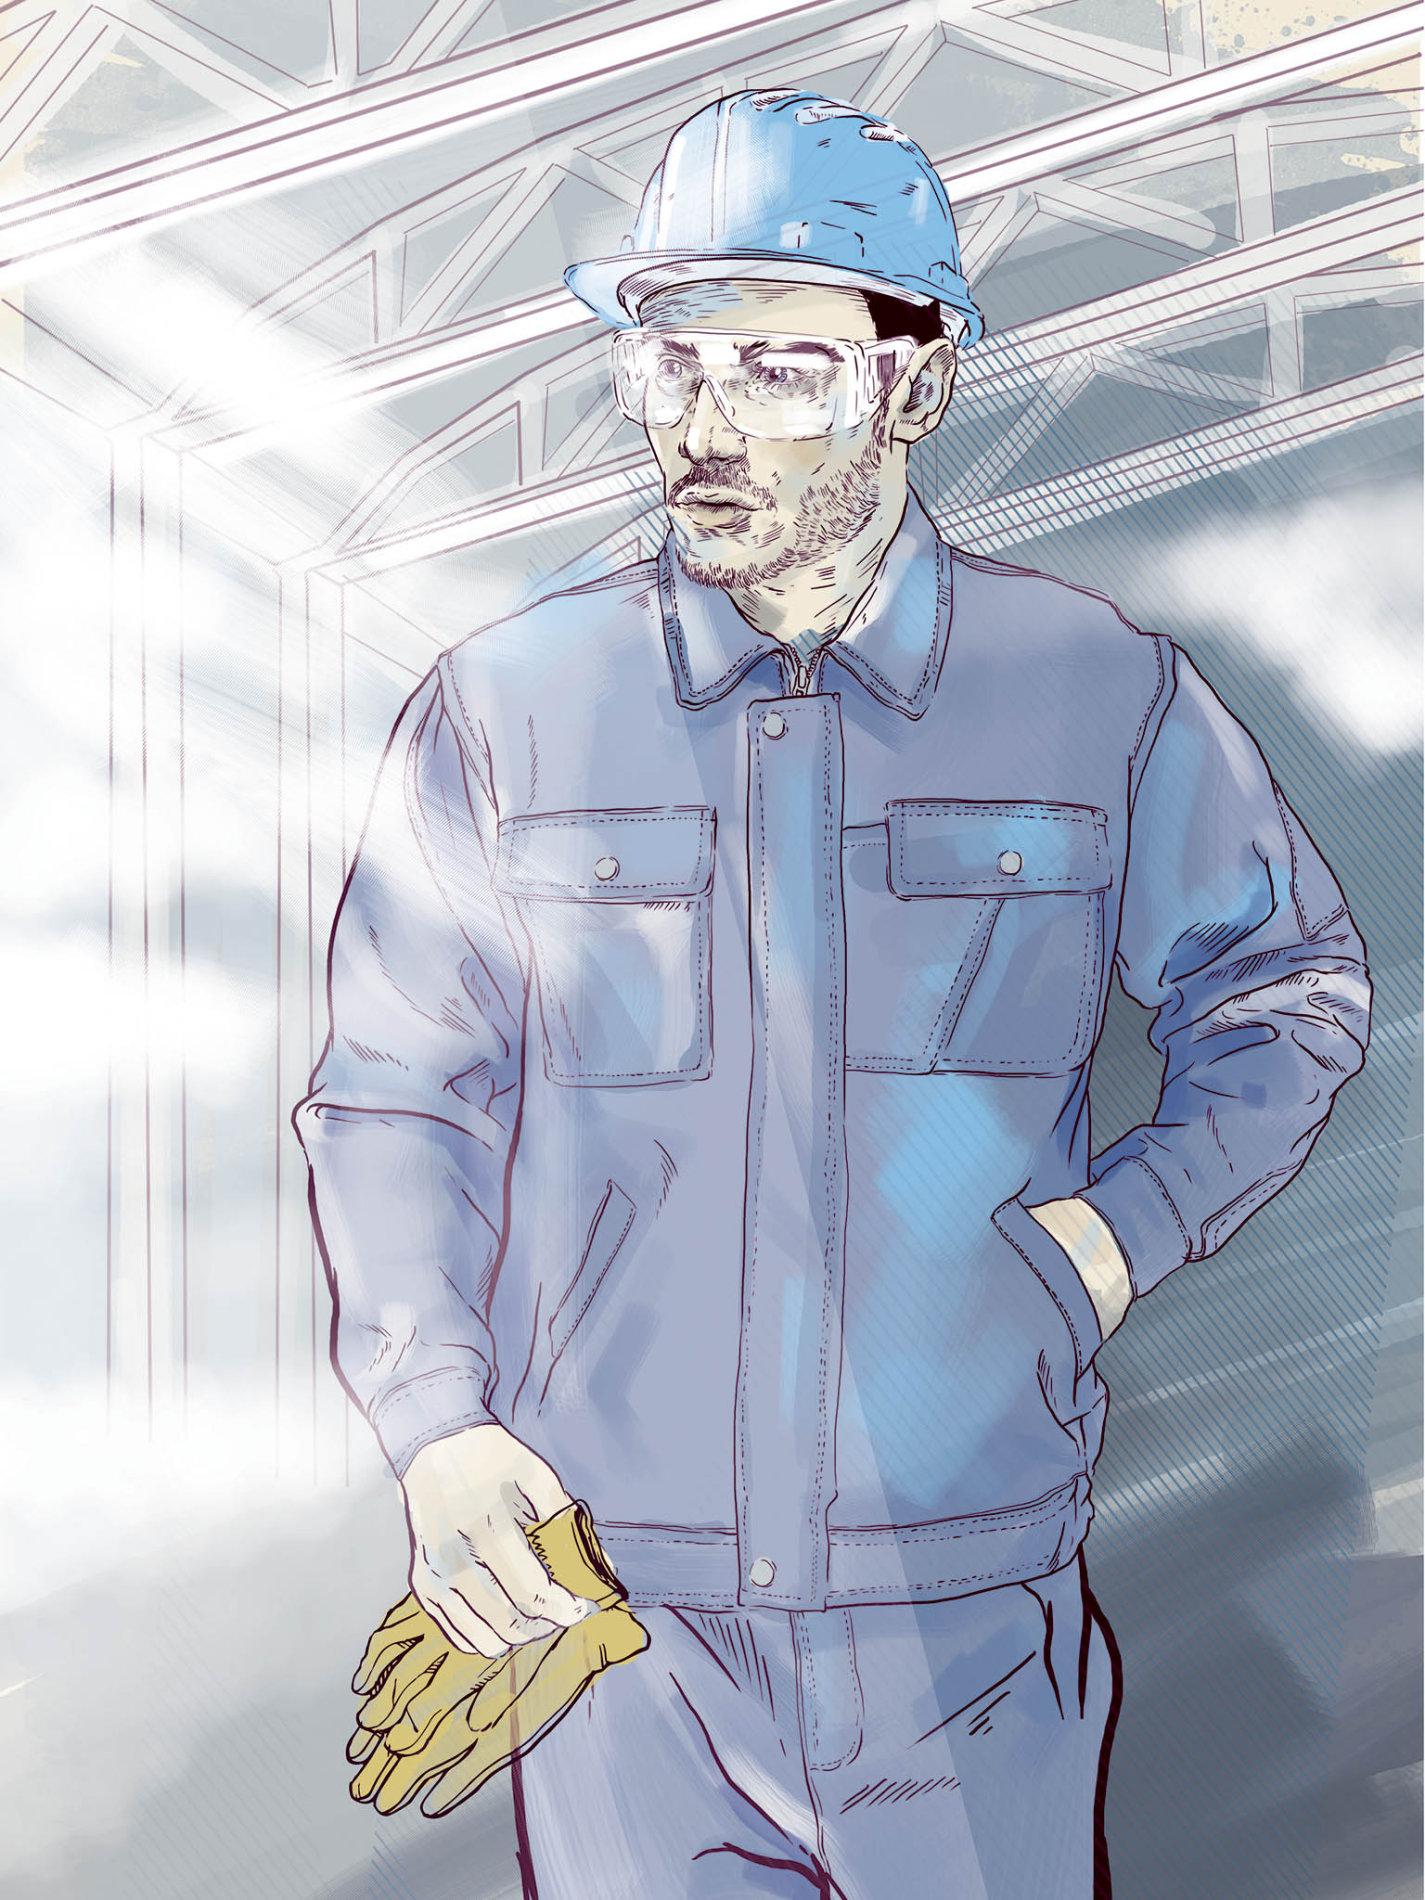 Profese, která je nejvíce nedostatková, se jmenuje kvalifikovaný dělník ve výrobě. Právě jeho HN vyhlašují byznysovou osobností roku.